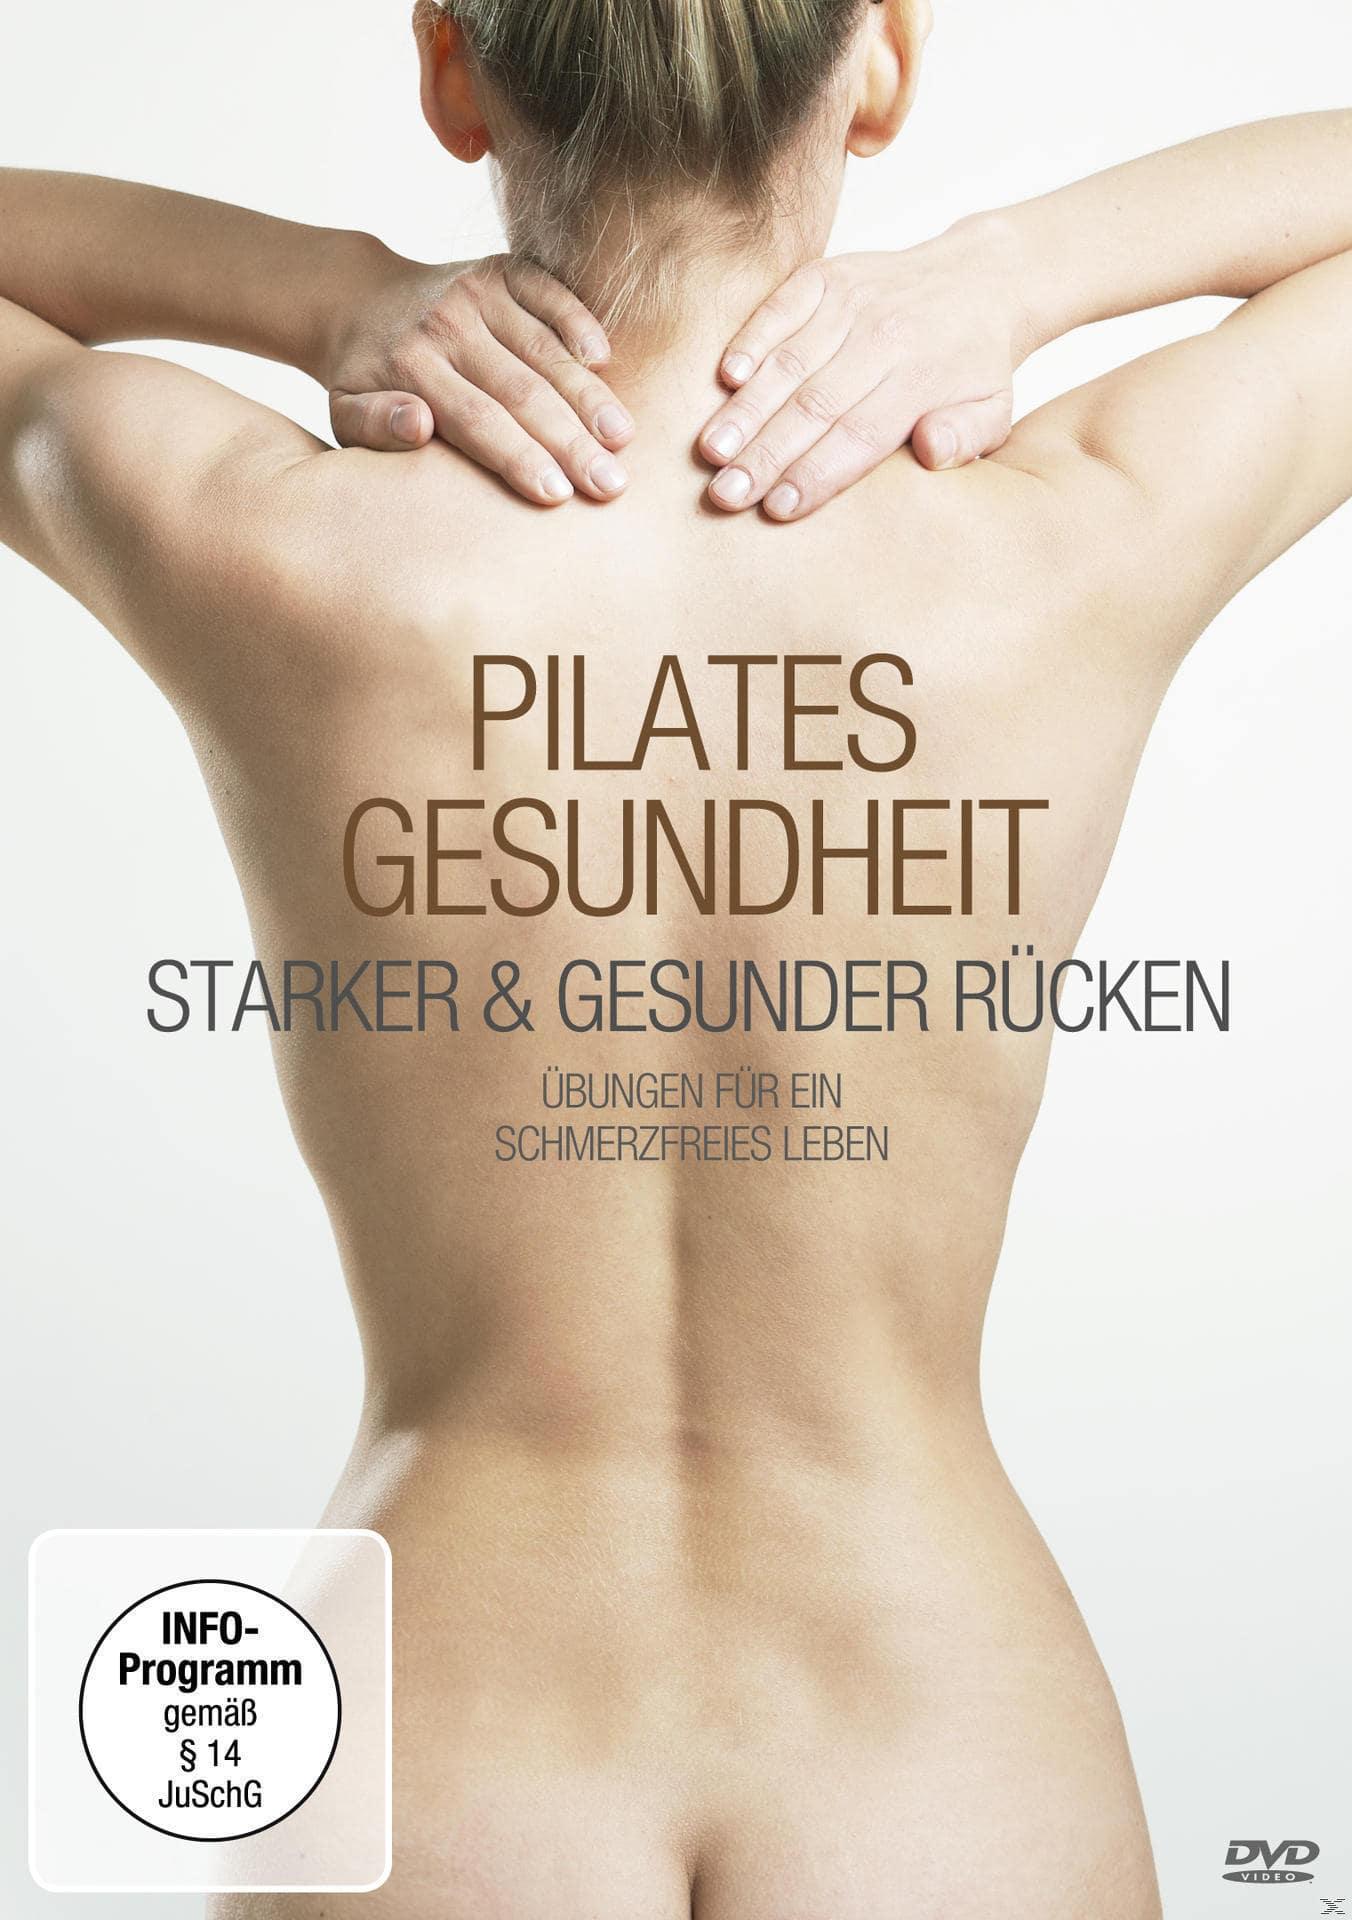 Pilates Gesundheit - Starker und gesunder Rücken (DVD) für 4,99 Euro